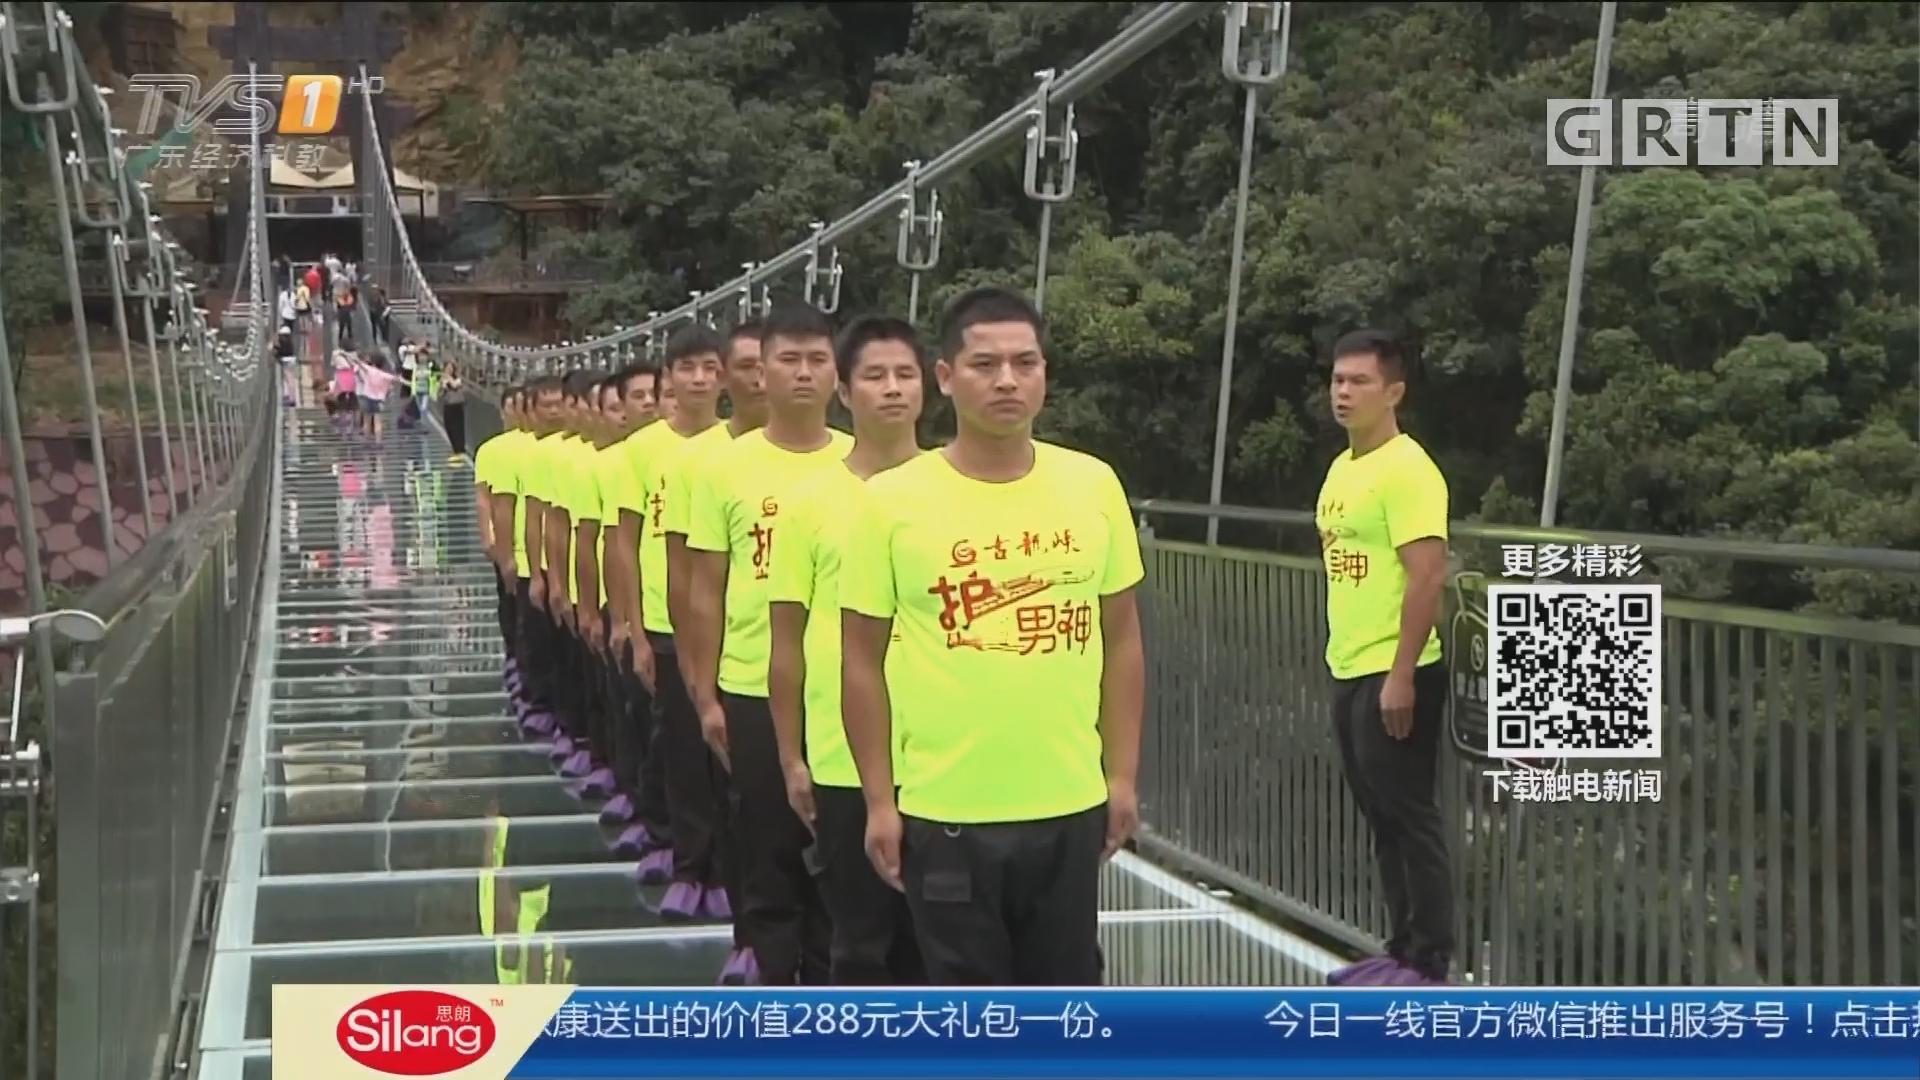 假期景区安全:国庆前夕 景区加强安保措施护游客